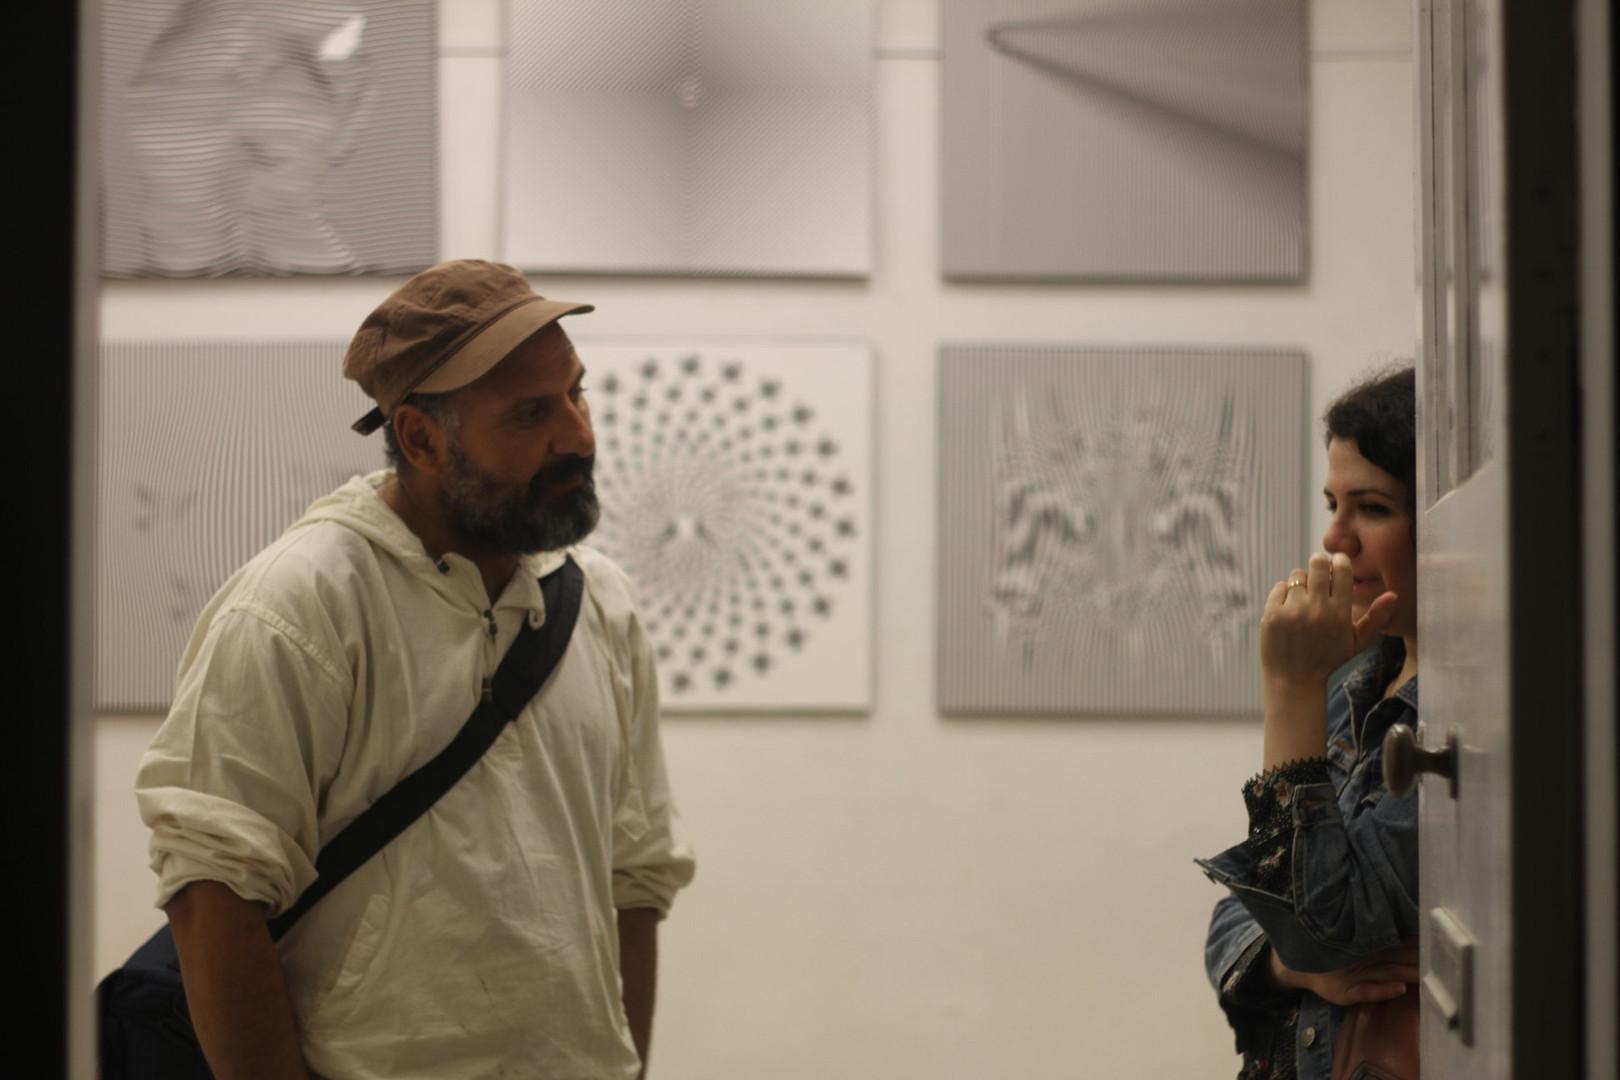 Monif Ajaj et Nour Asalia dans l'atelier de Dino Ahmad Ali  ©Randa Maddah